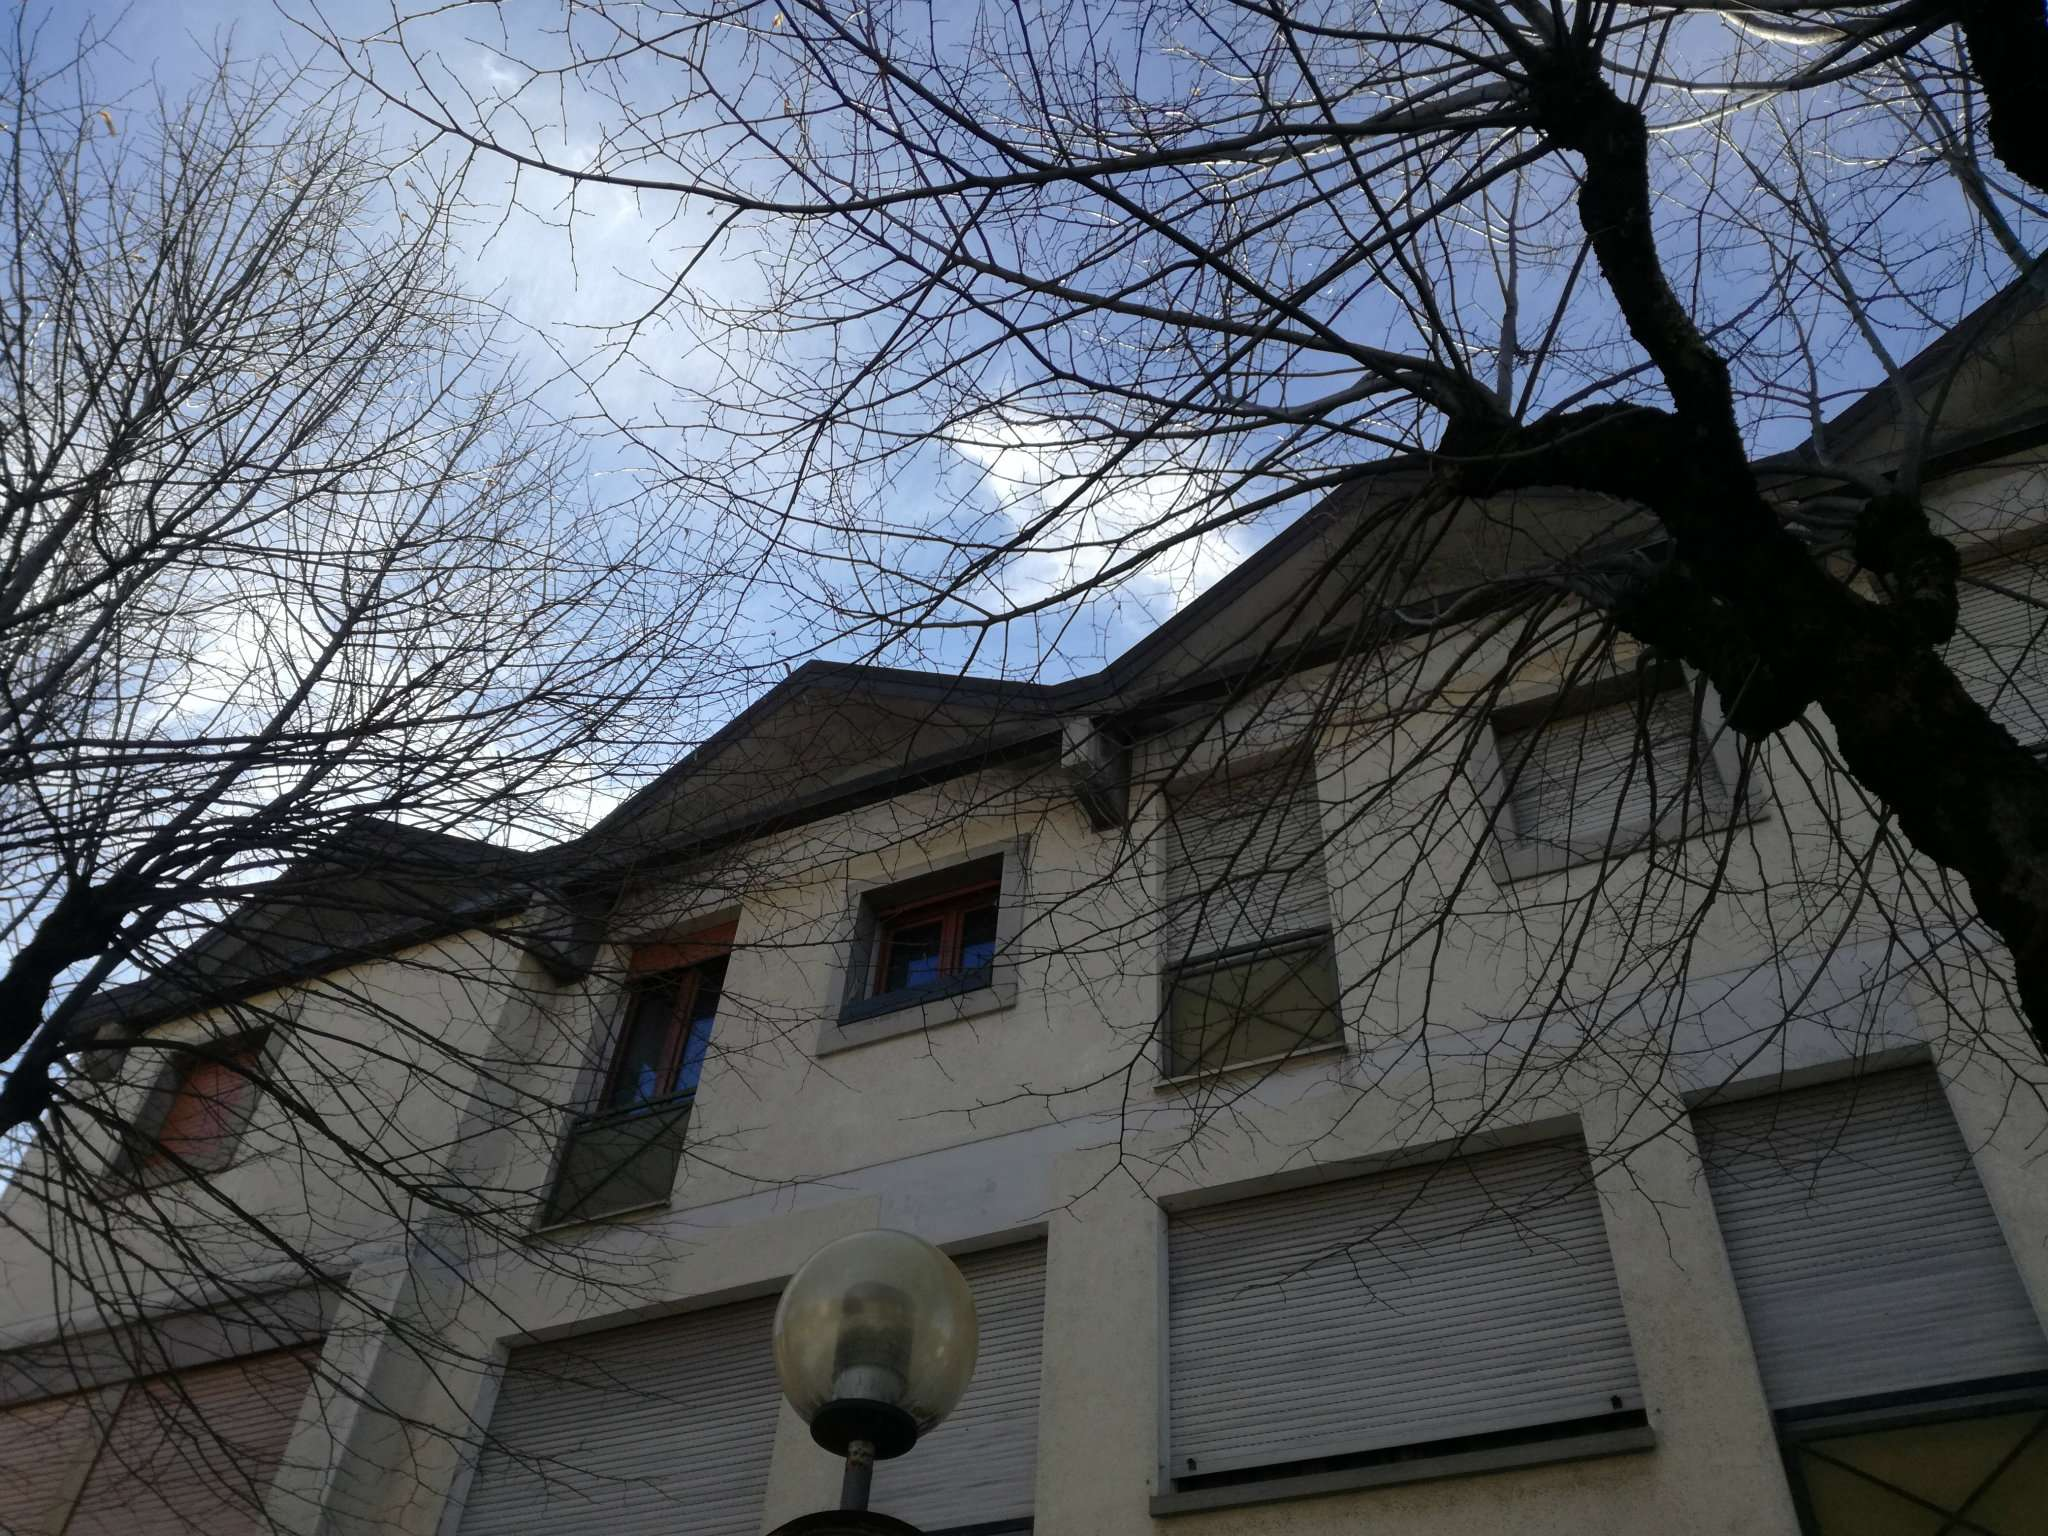 Appartamento in vendita a Camugnano, 5 locali, prezzo € 60.000 | PortaleAgenzieImmobiliari.it